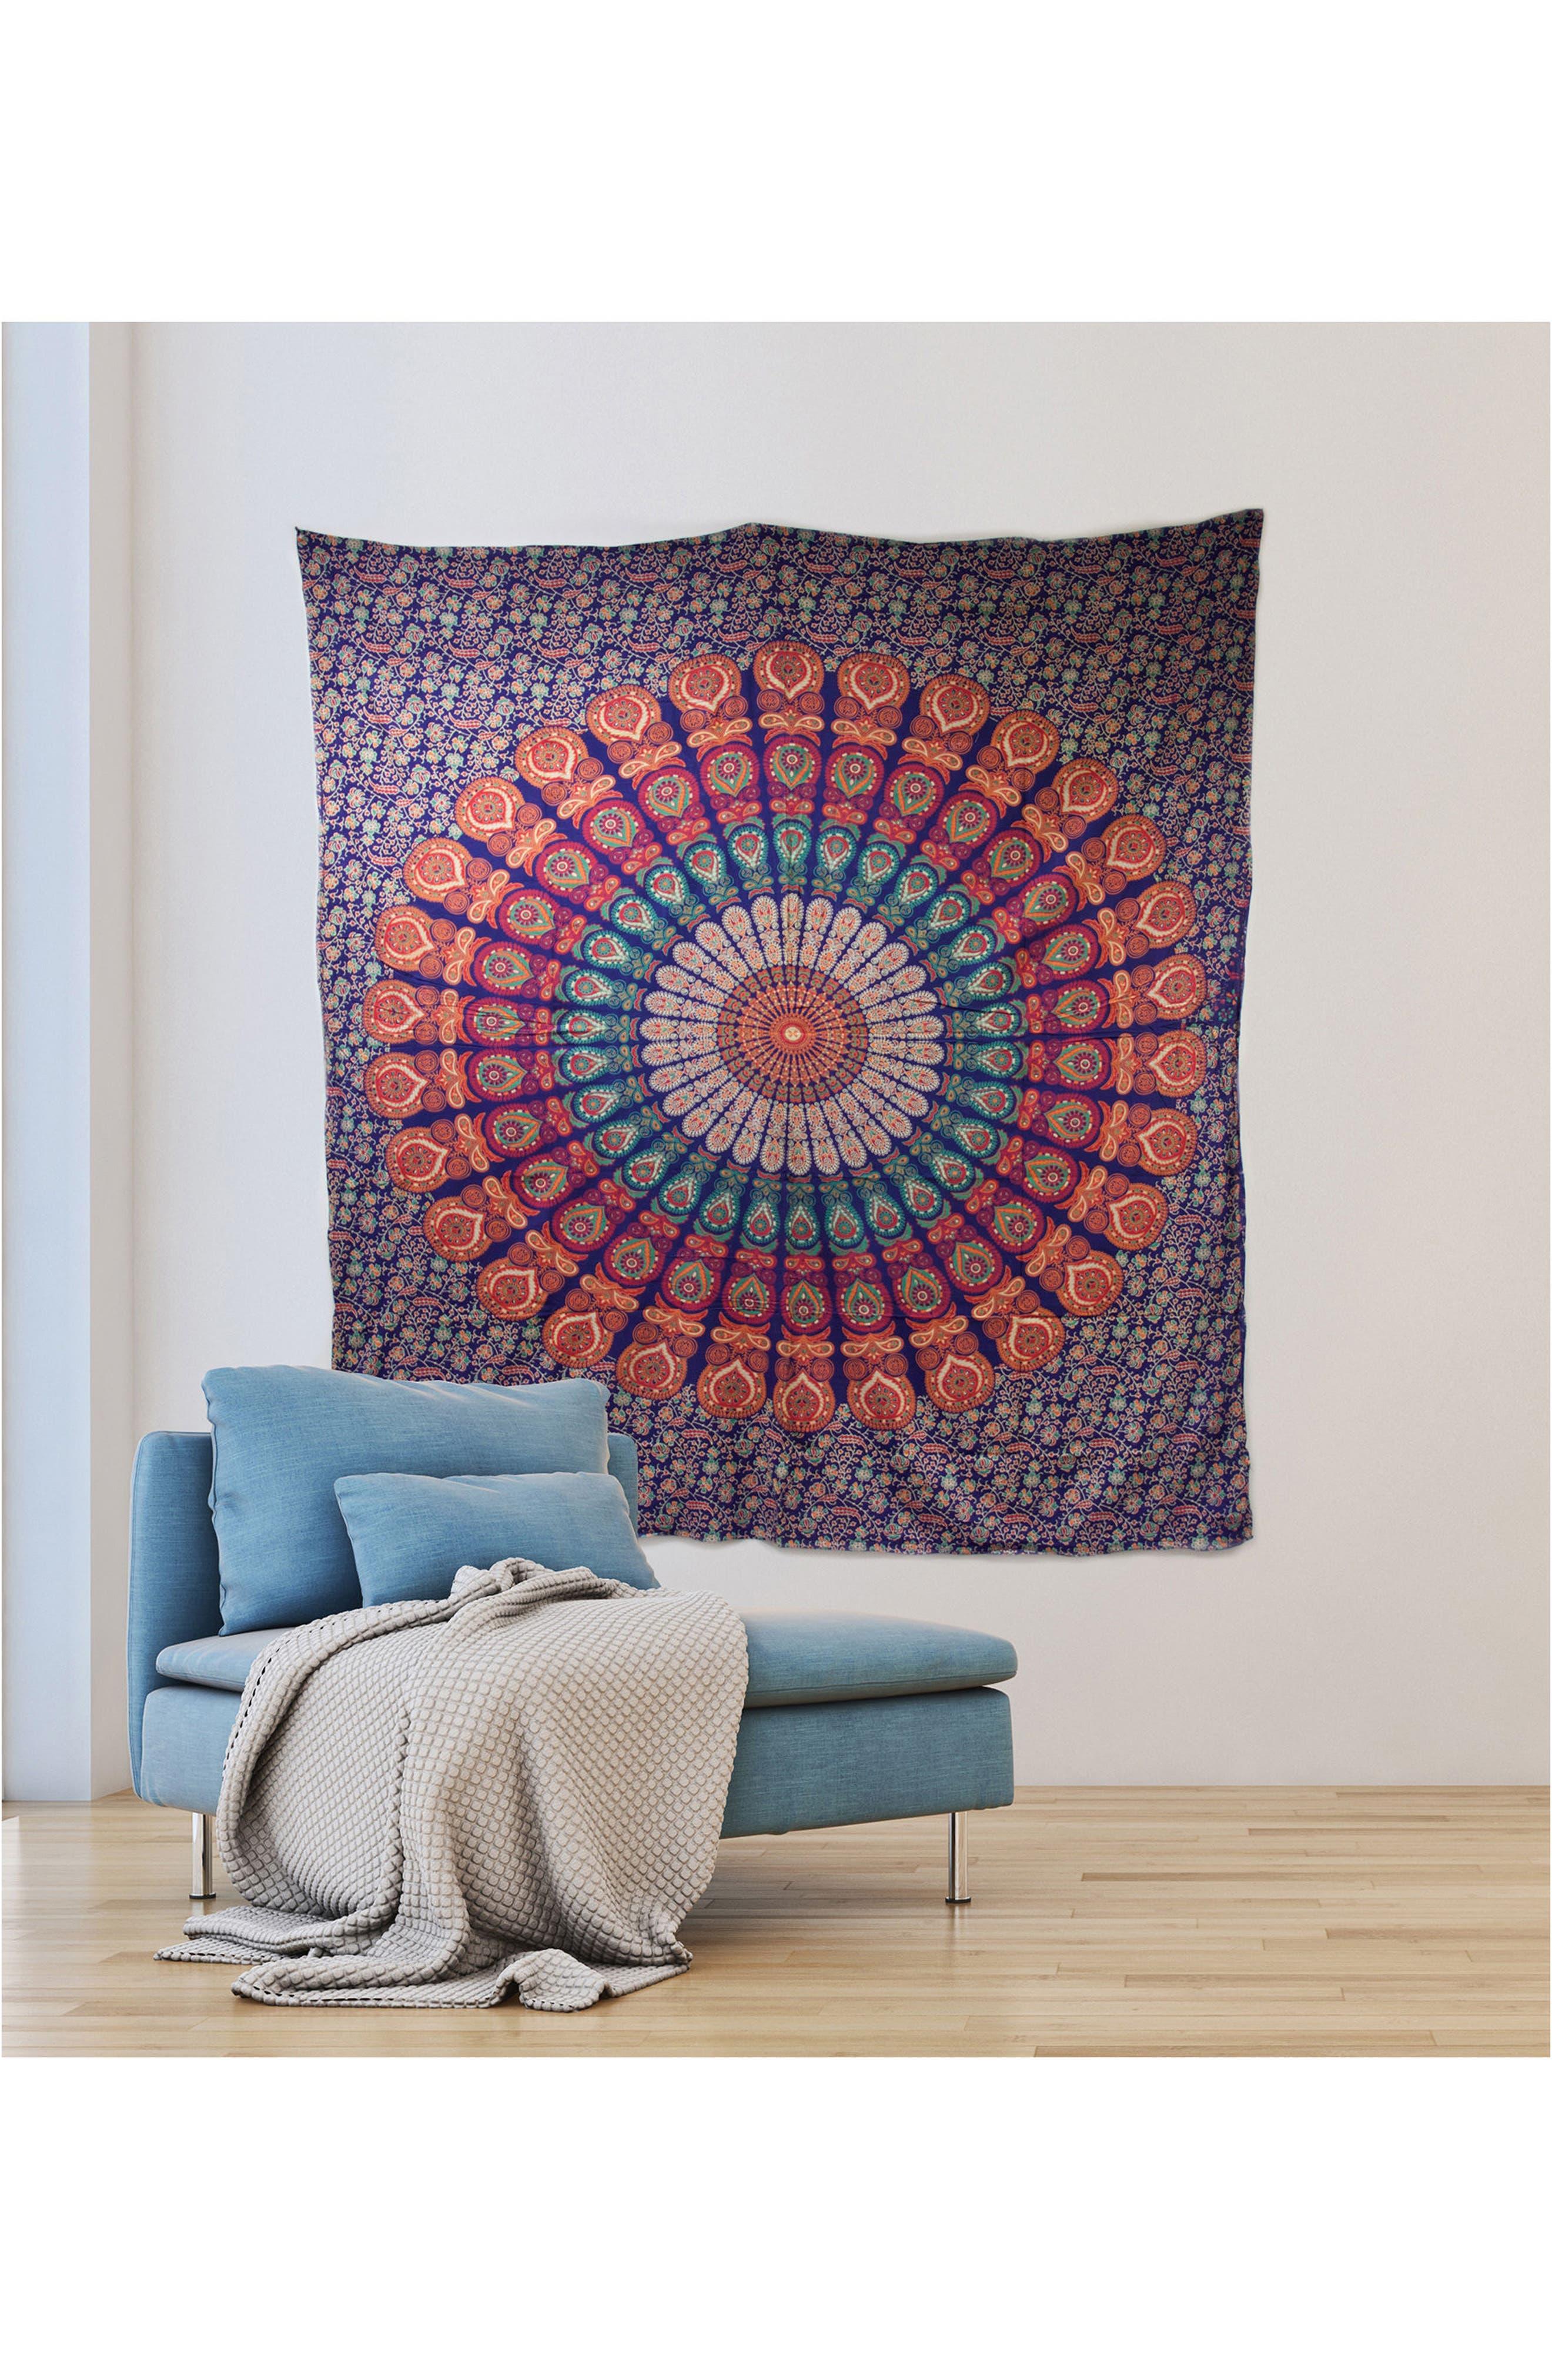 Raghav Wall Tapestry,                             Alternate thumbnail 2, color,                             Blue